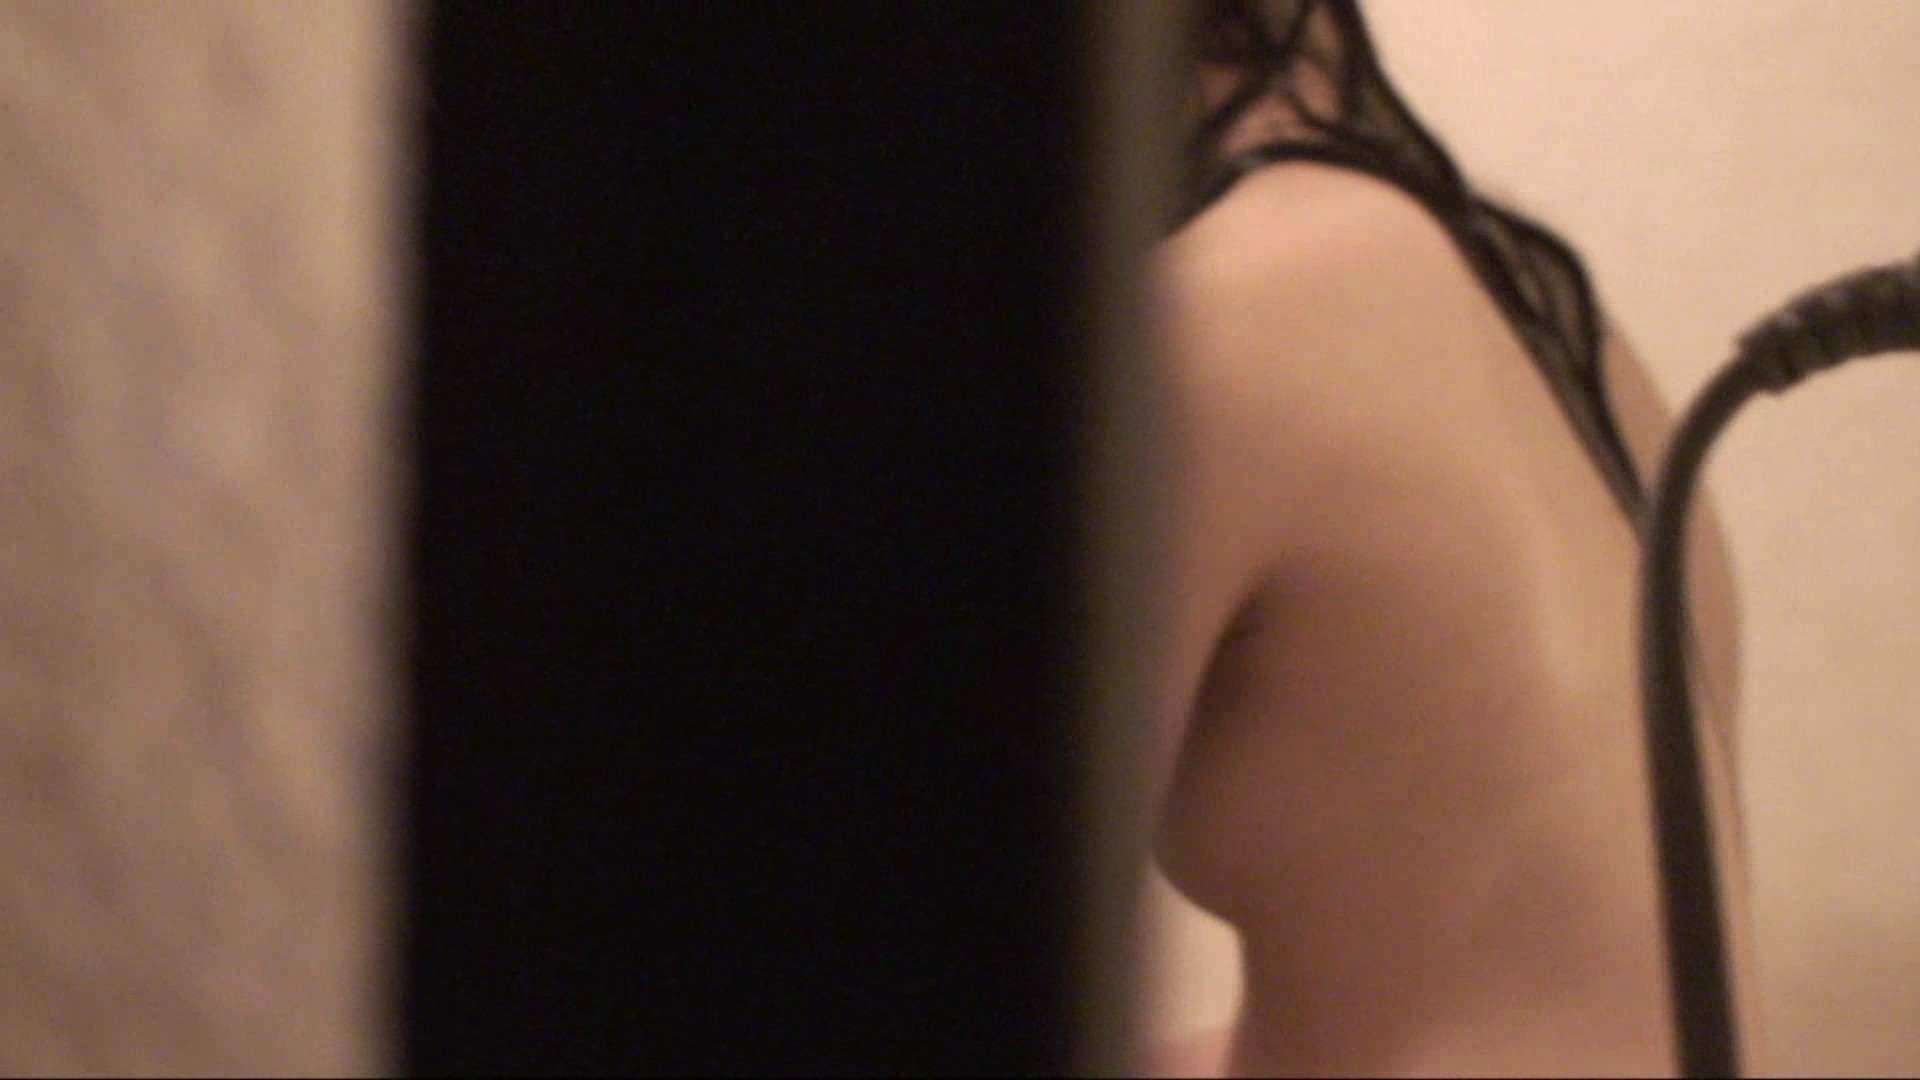 vol.01必見!白肌嬢の乳首が丸見え。極上美人のすっぴん顔をハイビジョンで! 盗撮 ぱこり動画紹介 89pic 87